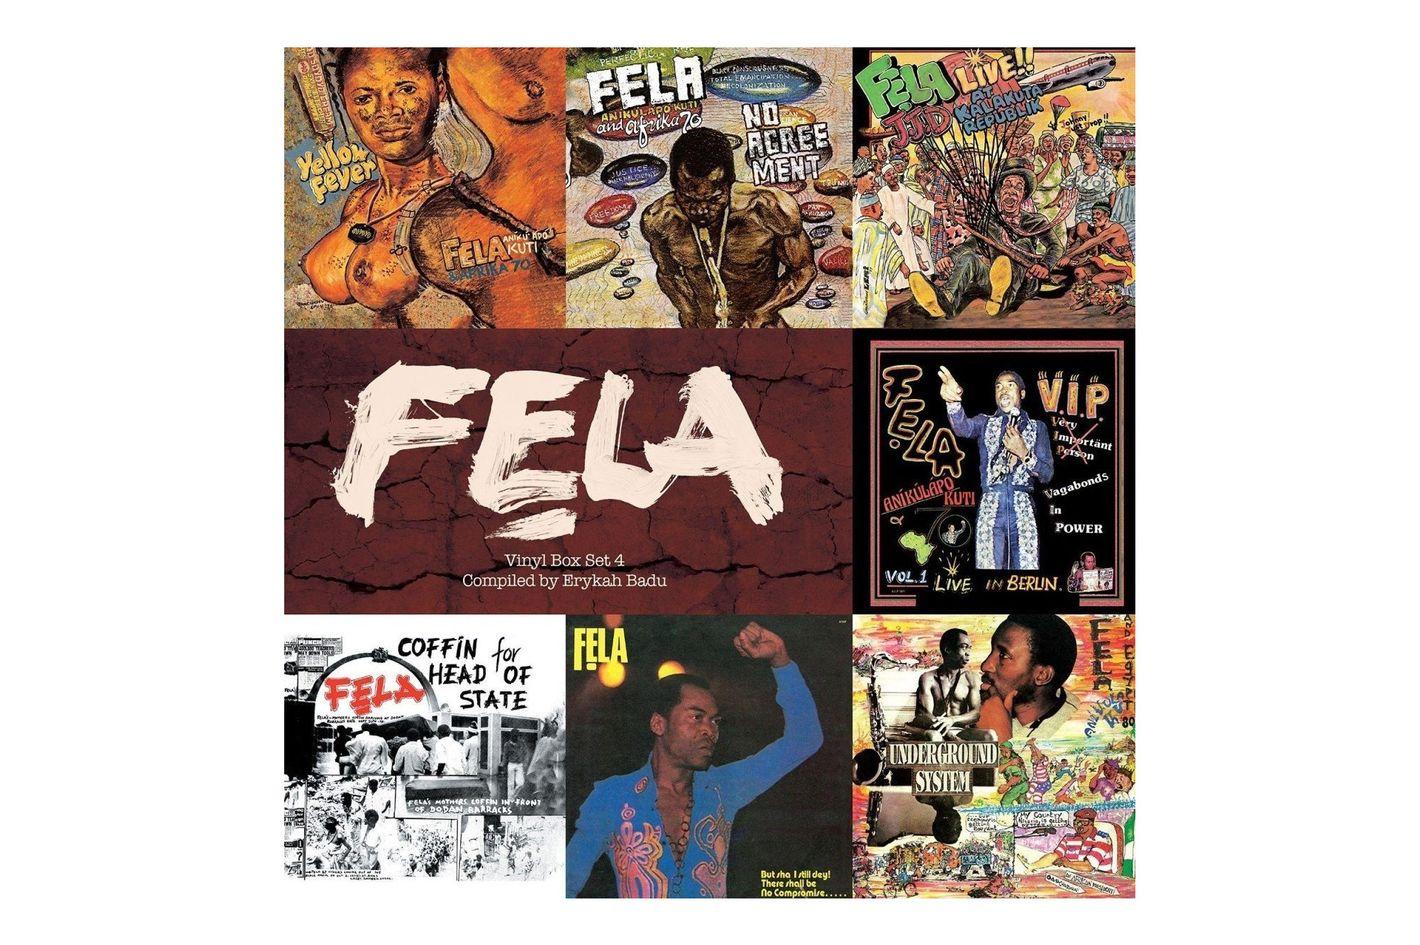 Fela Kuti, Fela Box Set 4